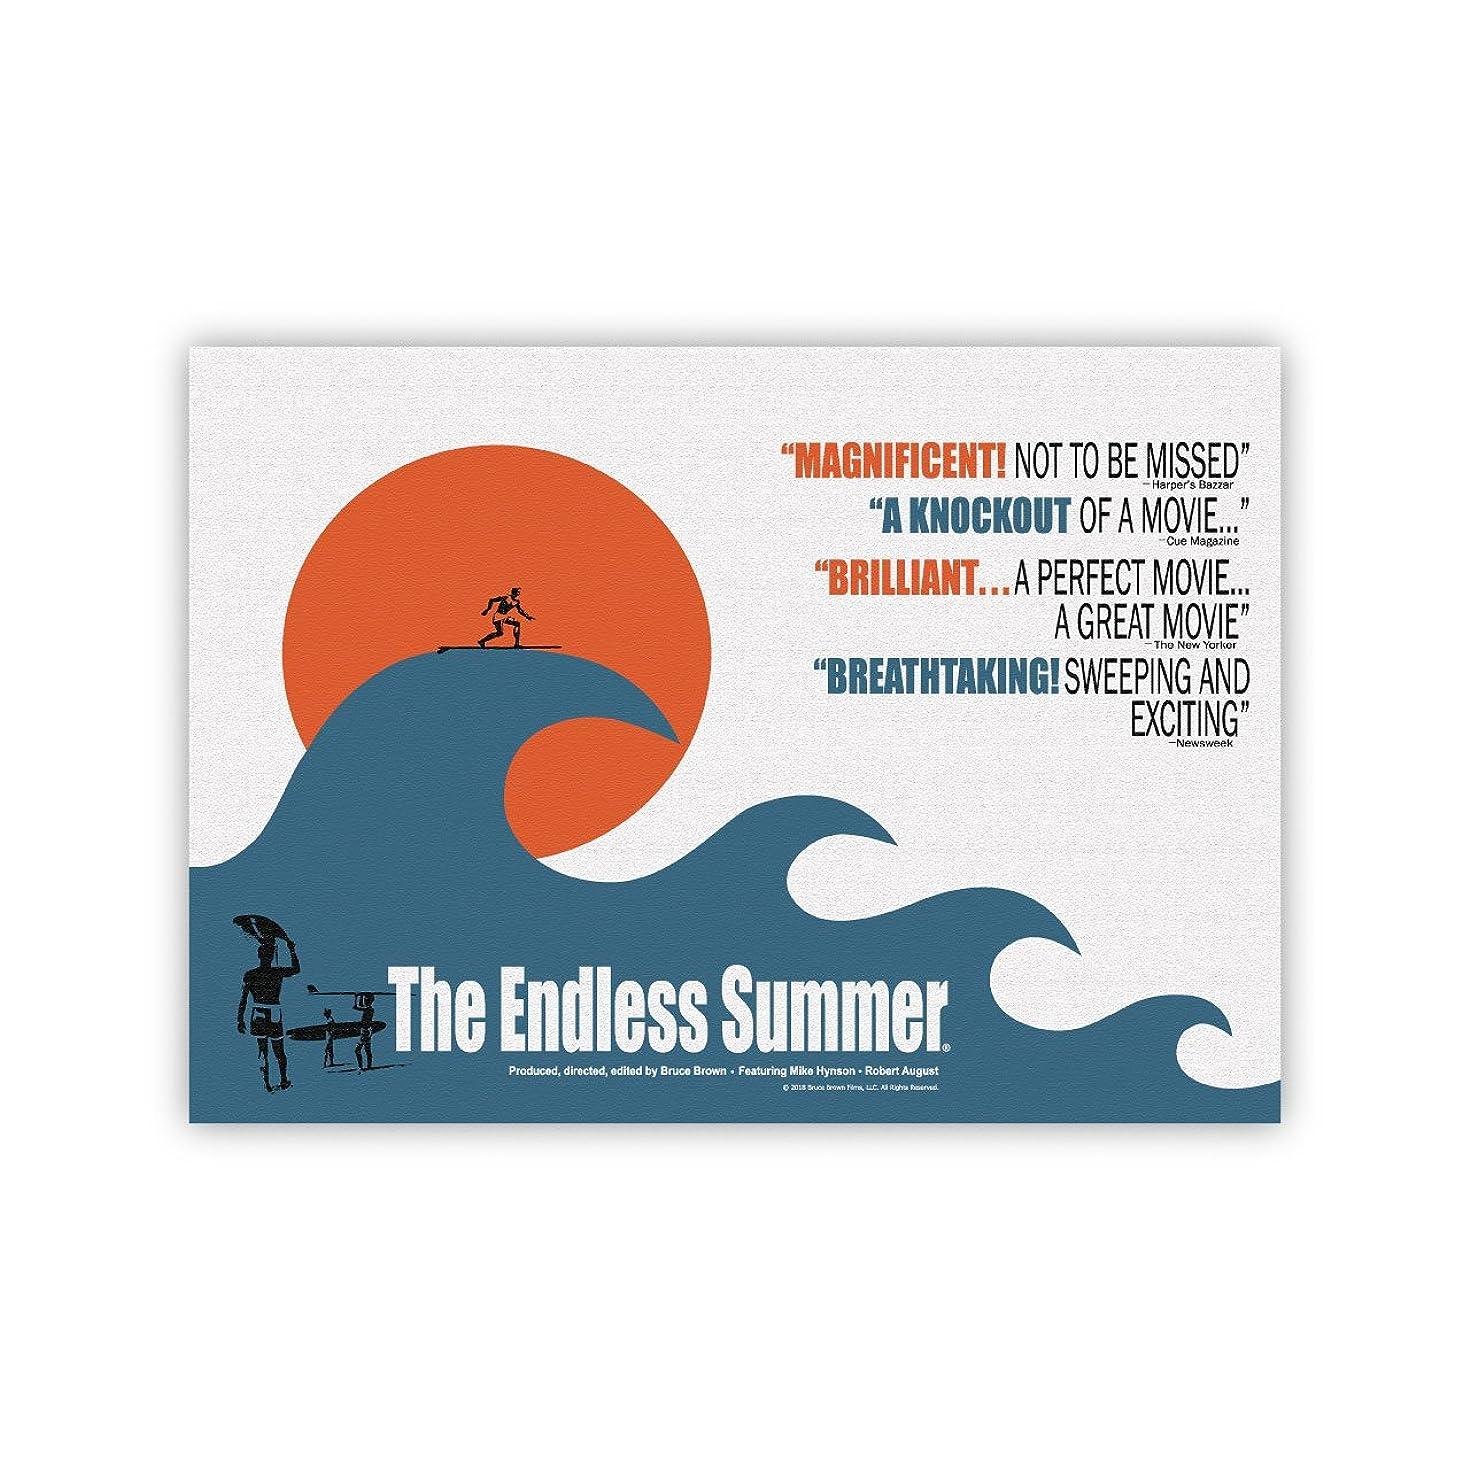 置き場メイド死サーフィン映画A3ポスター?The Endless Summer (エンドレスサマー)?ウェーブ